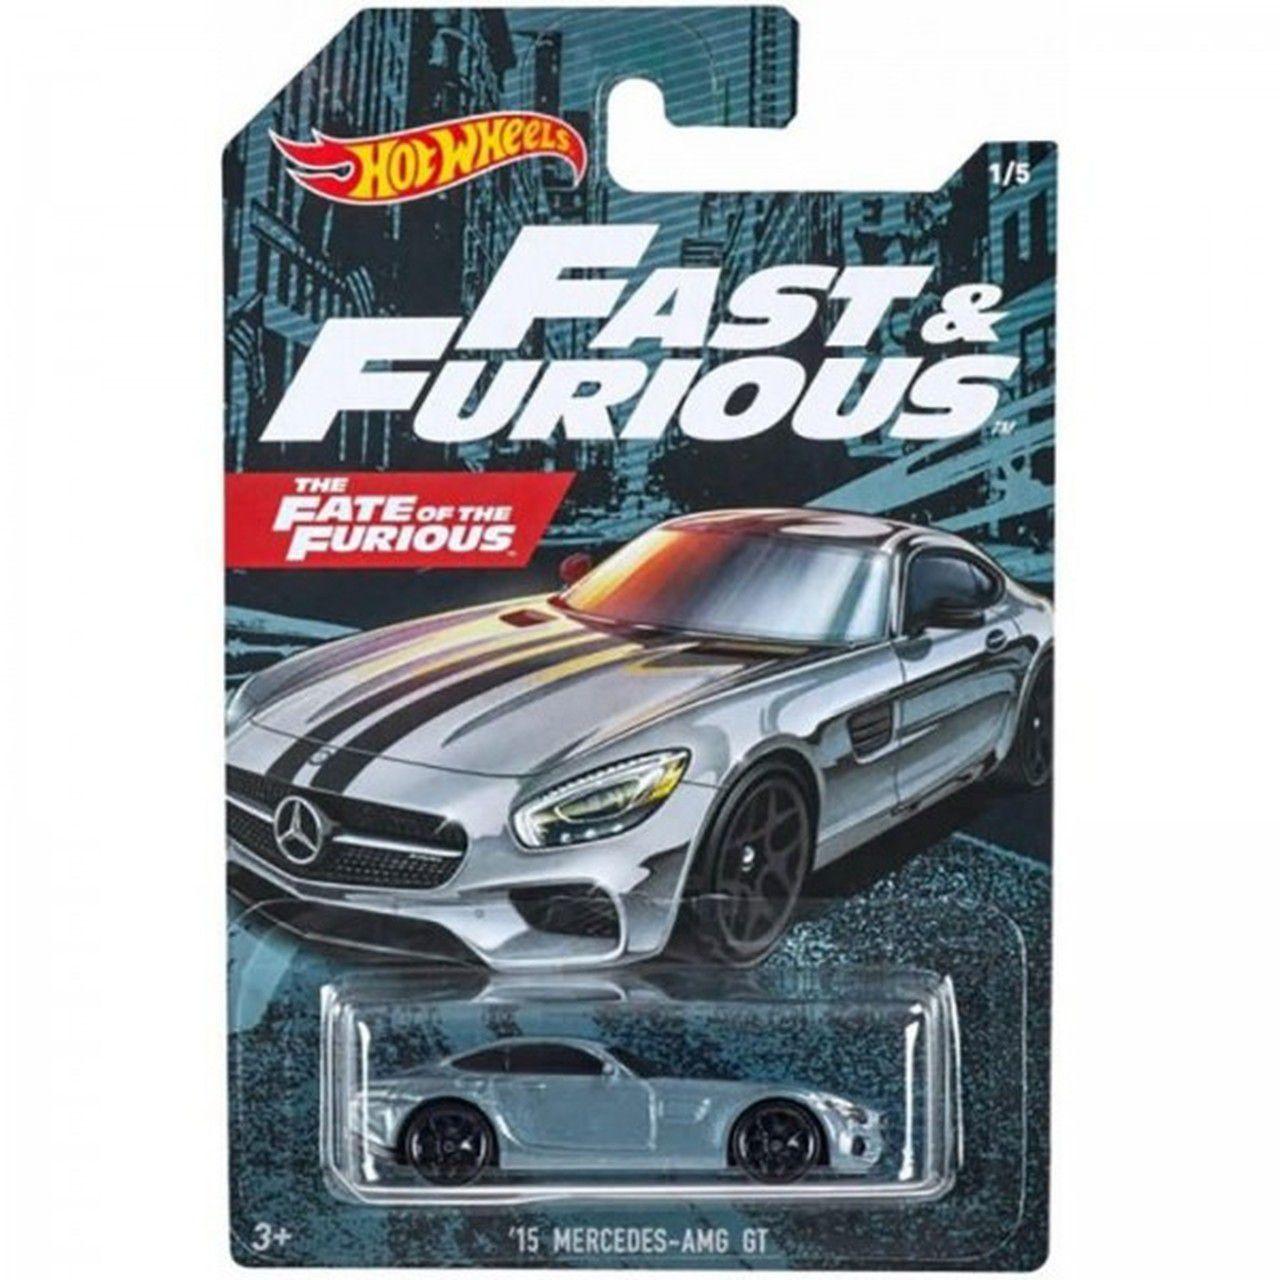 Carrinho '15 Mercedes-AMG GT: Velozes e Furiosos 8 (Fast & Furious) - Hot Wheels